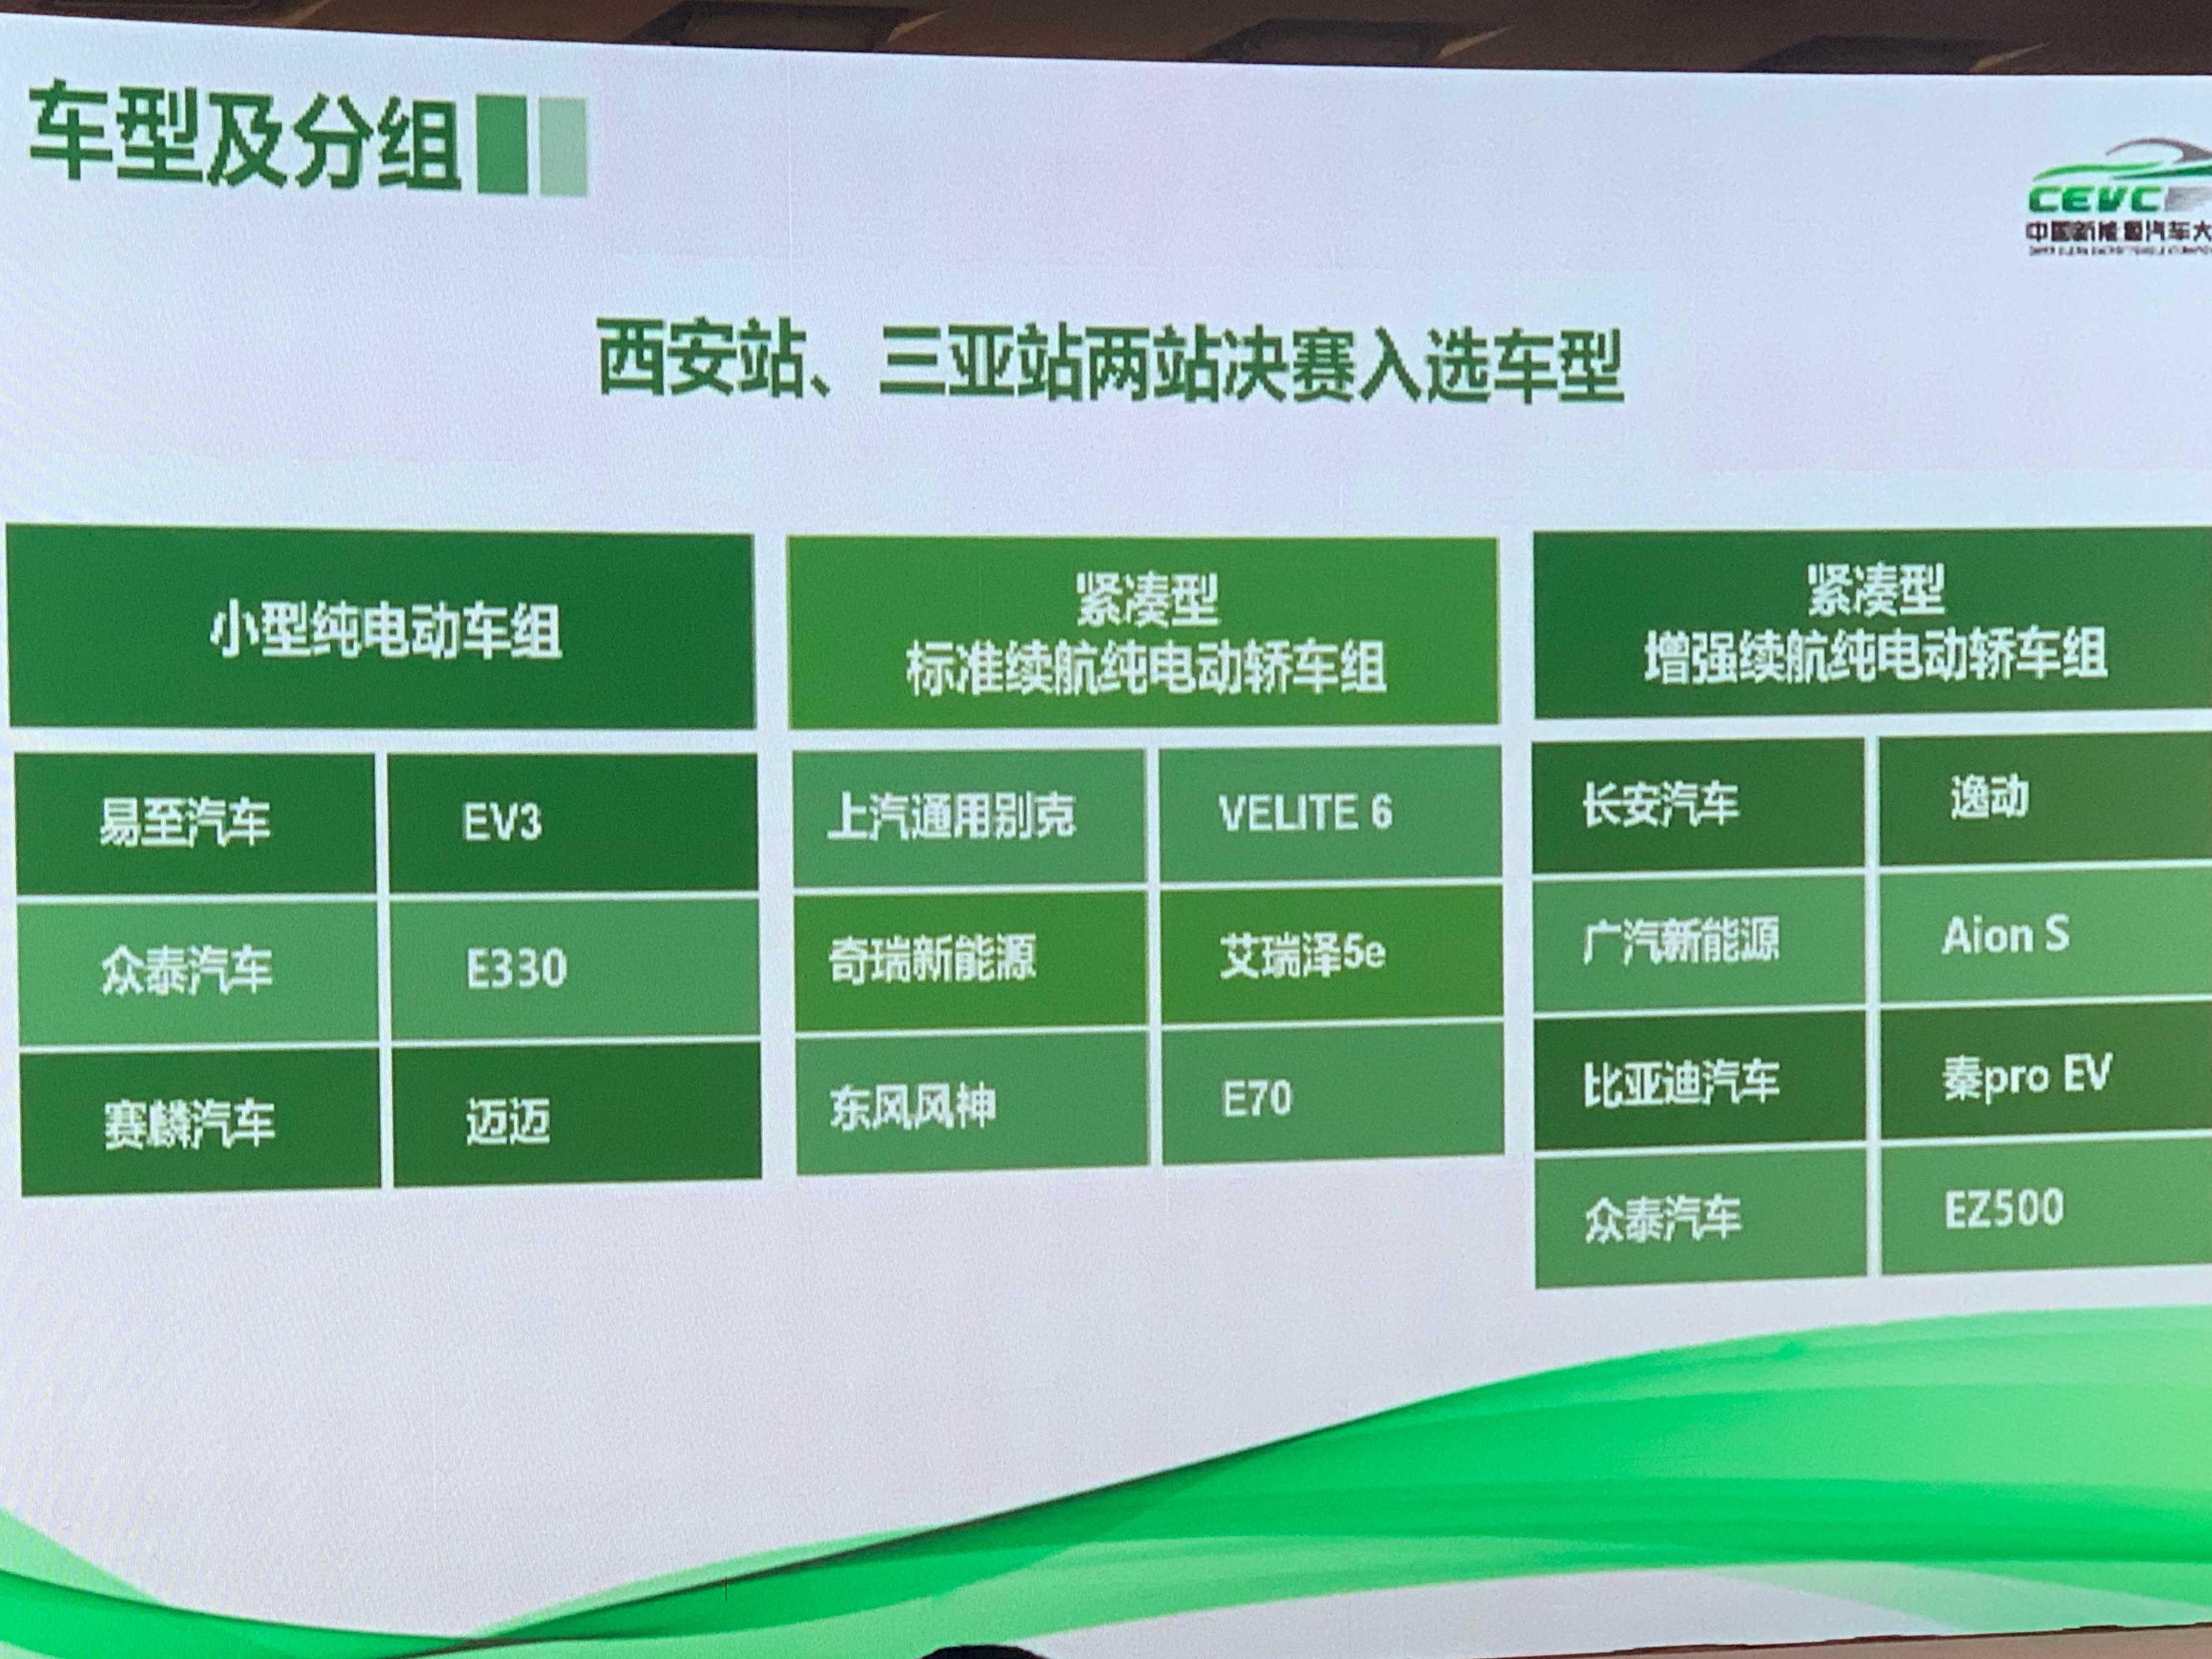 更加贴近消费者 2019中国新能源汽车大赛启程